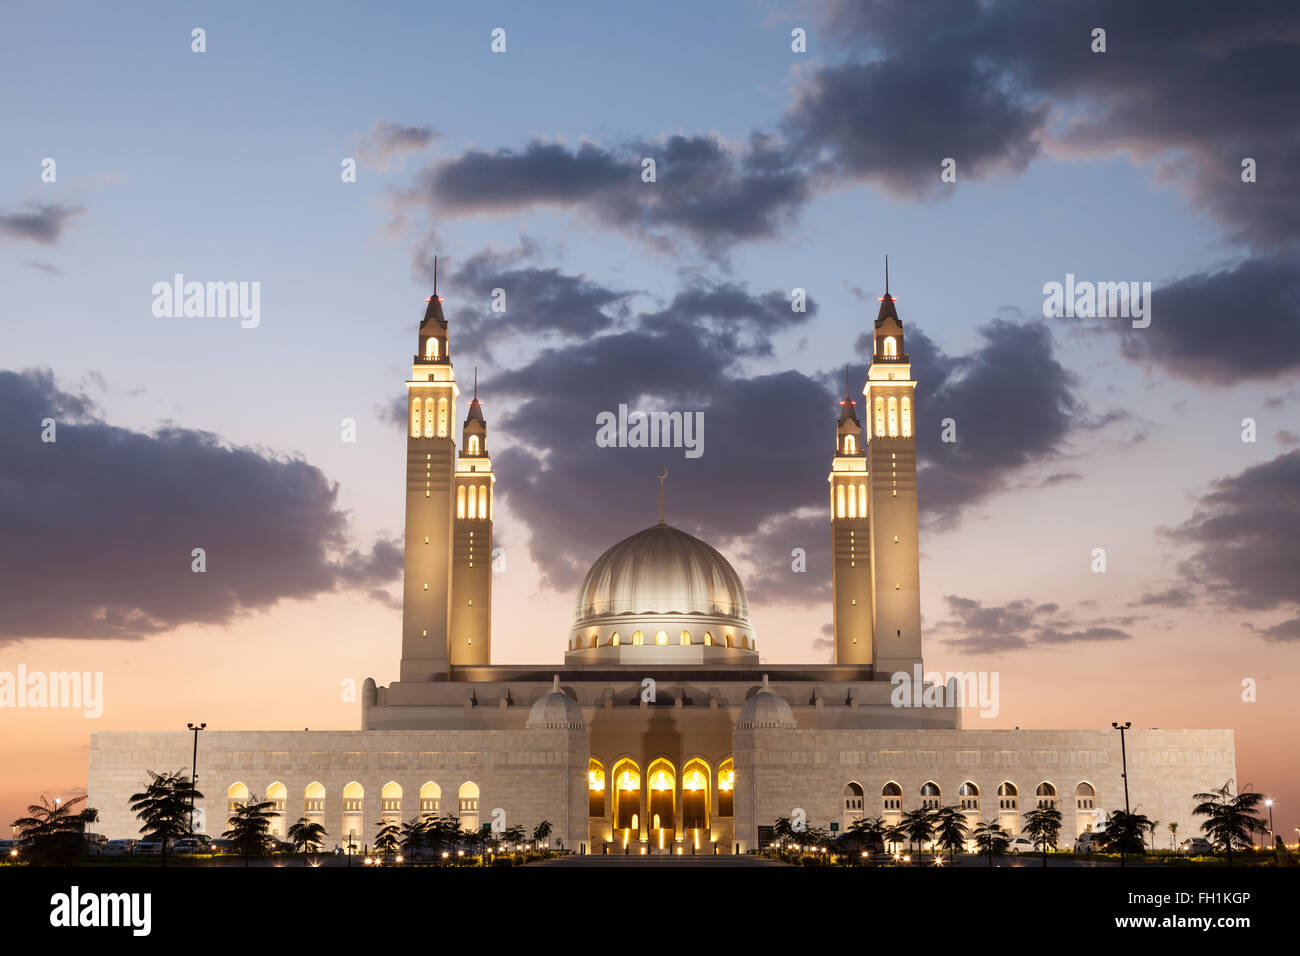 Gran mezquita de Nizwa iluminados durante la noche. Sultanato de Omán, Oriente Medio Imagen De Stock